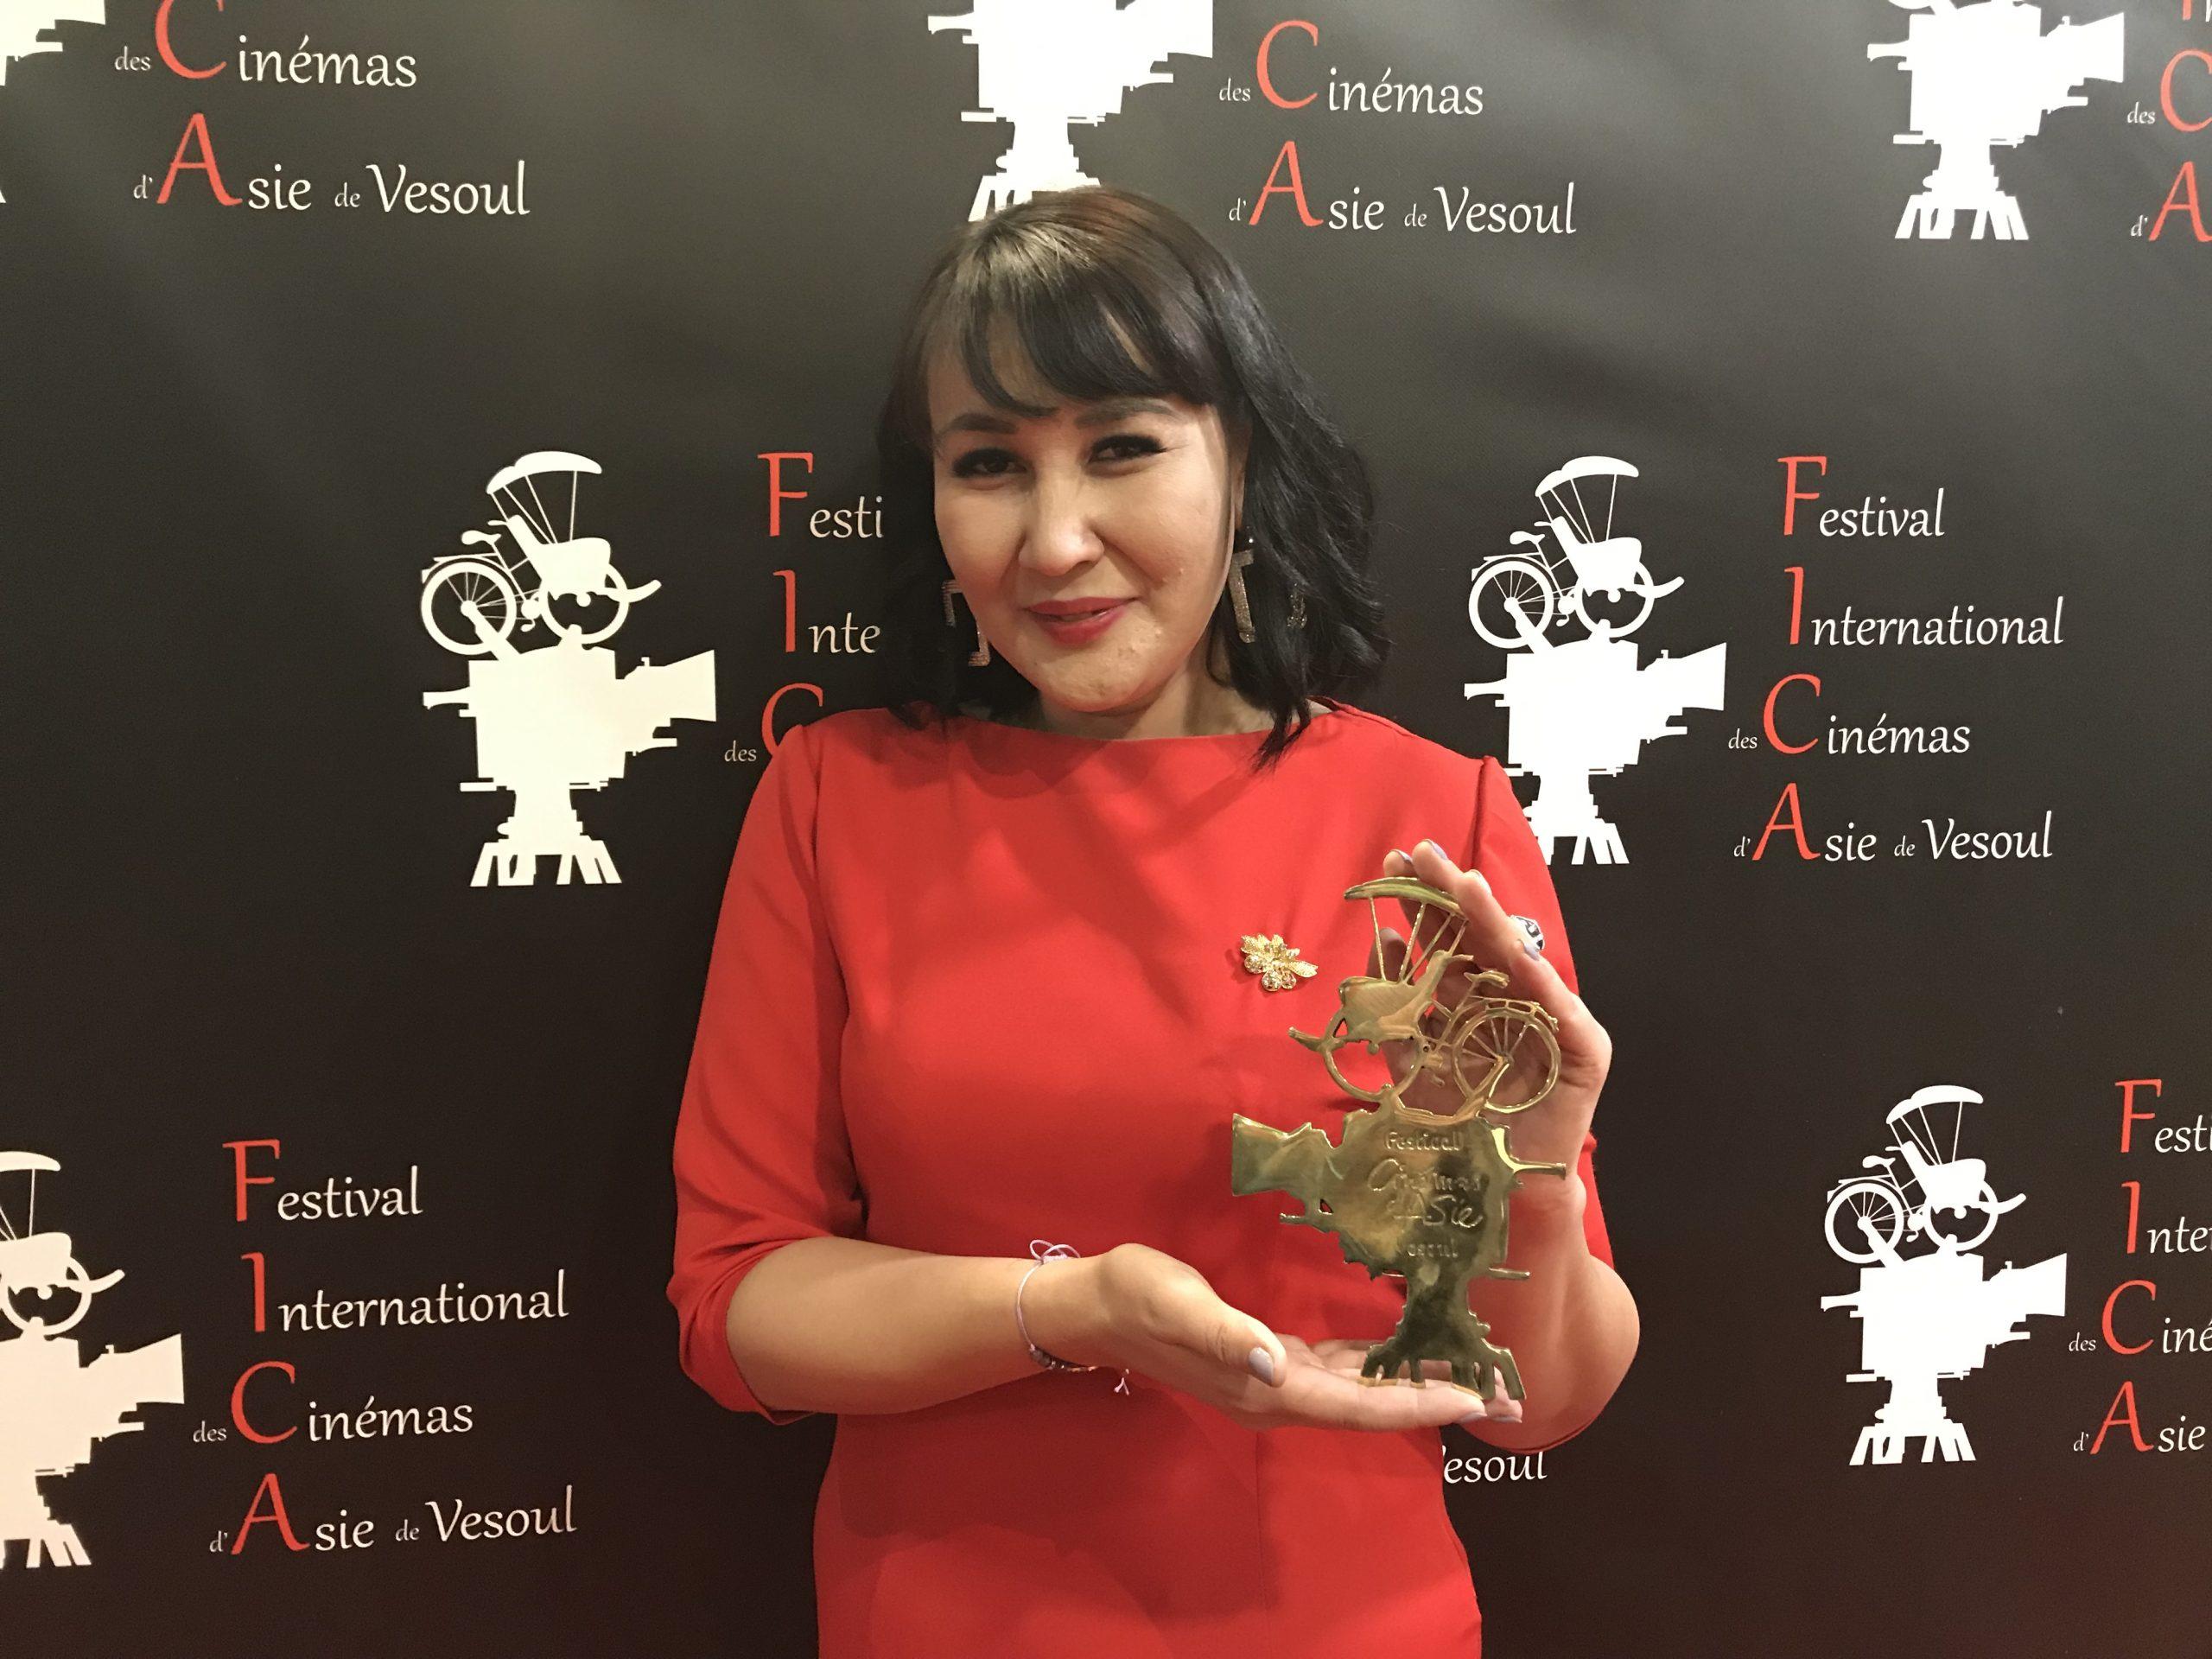 La réalisatrice kazakhe Sharipa Urazbayeva récompensée du Cyclo d'or pour son film Mariam au festival international des cinémas d'Asie de Vesoul, le 18 février 2020. (Crédit : FICA)